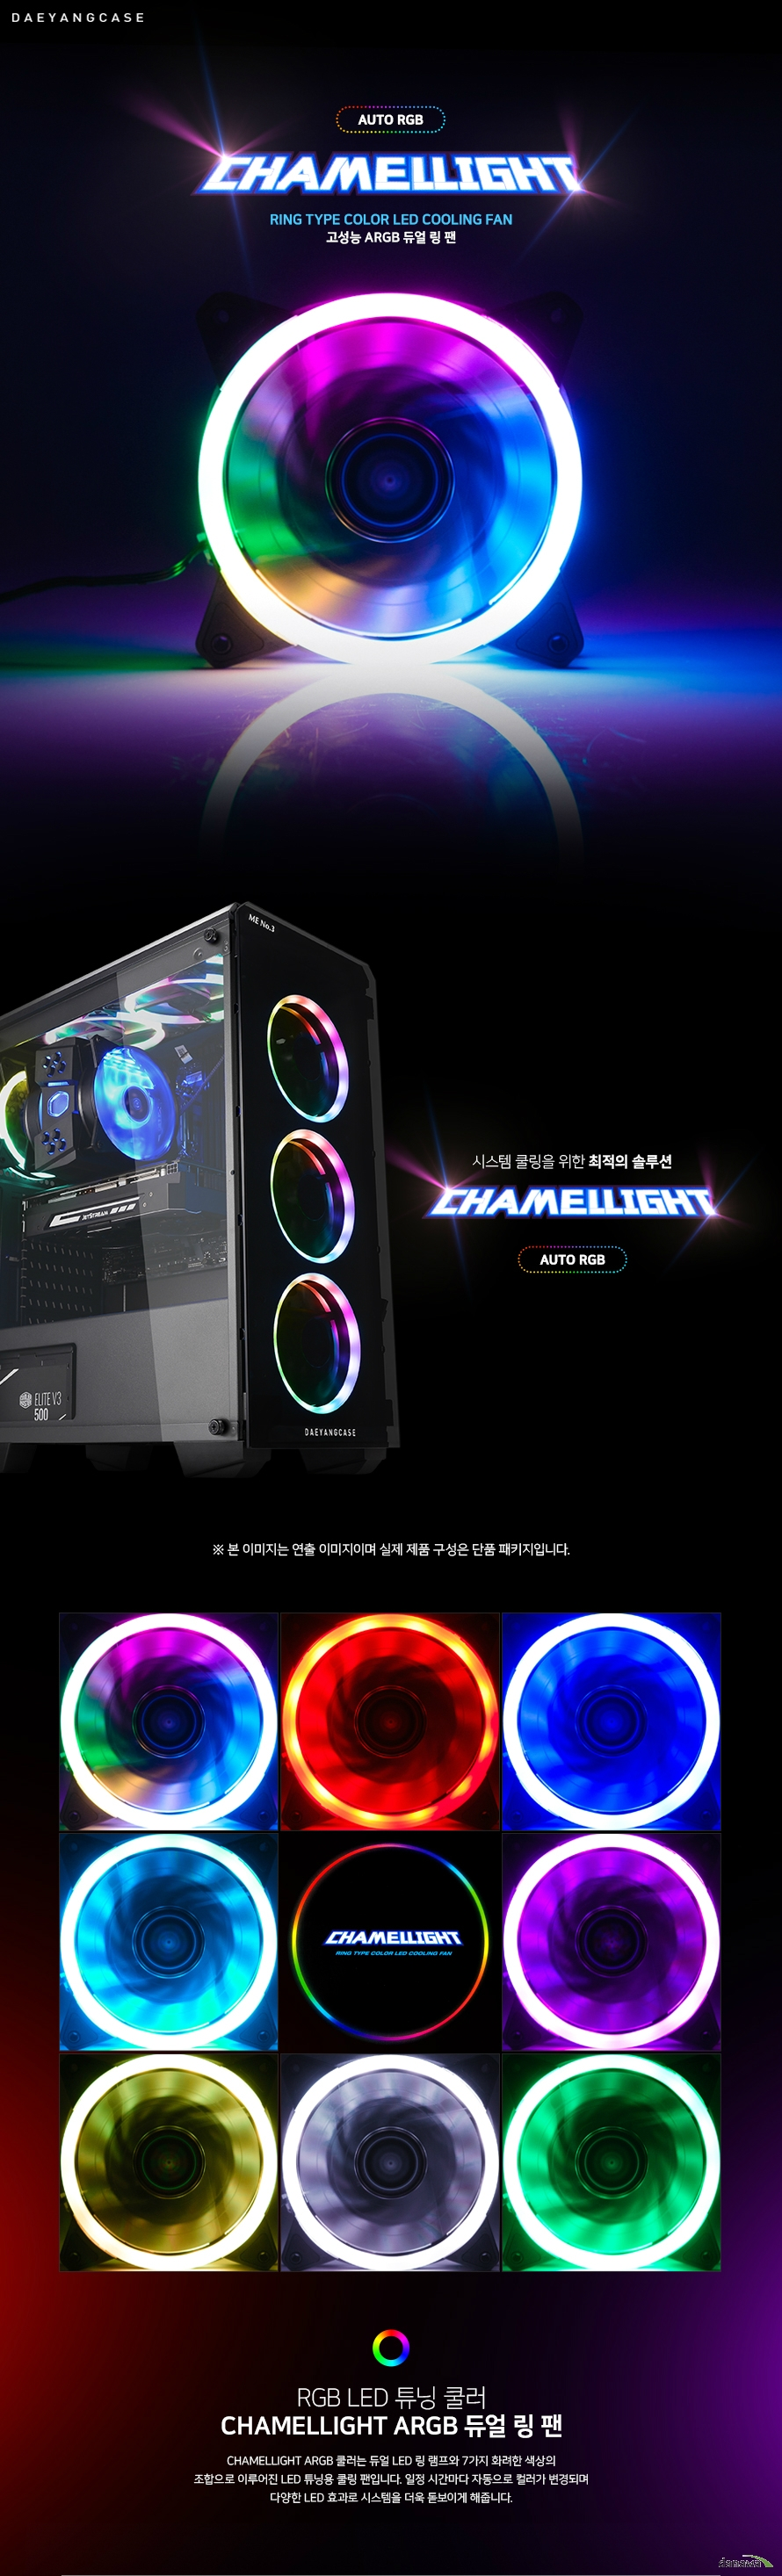 대양케이스  CHAMELLIGHT AUTO RGB 120 듀얼링